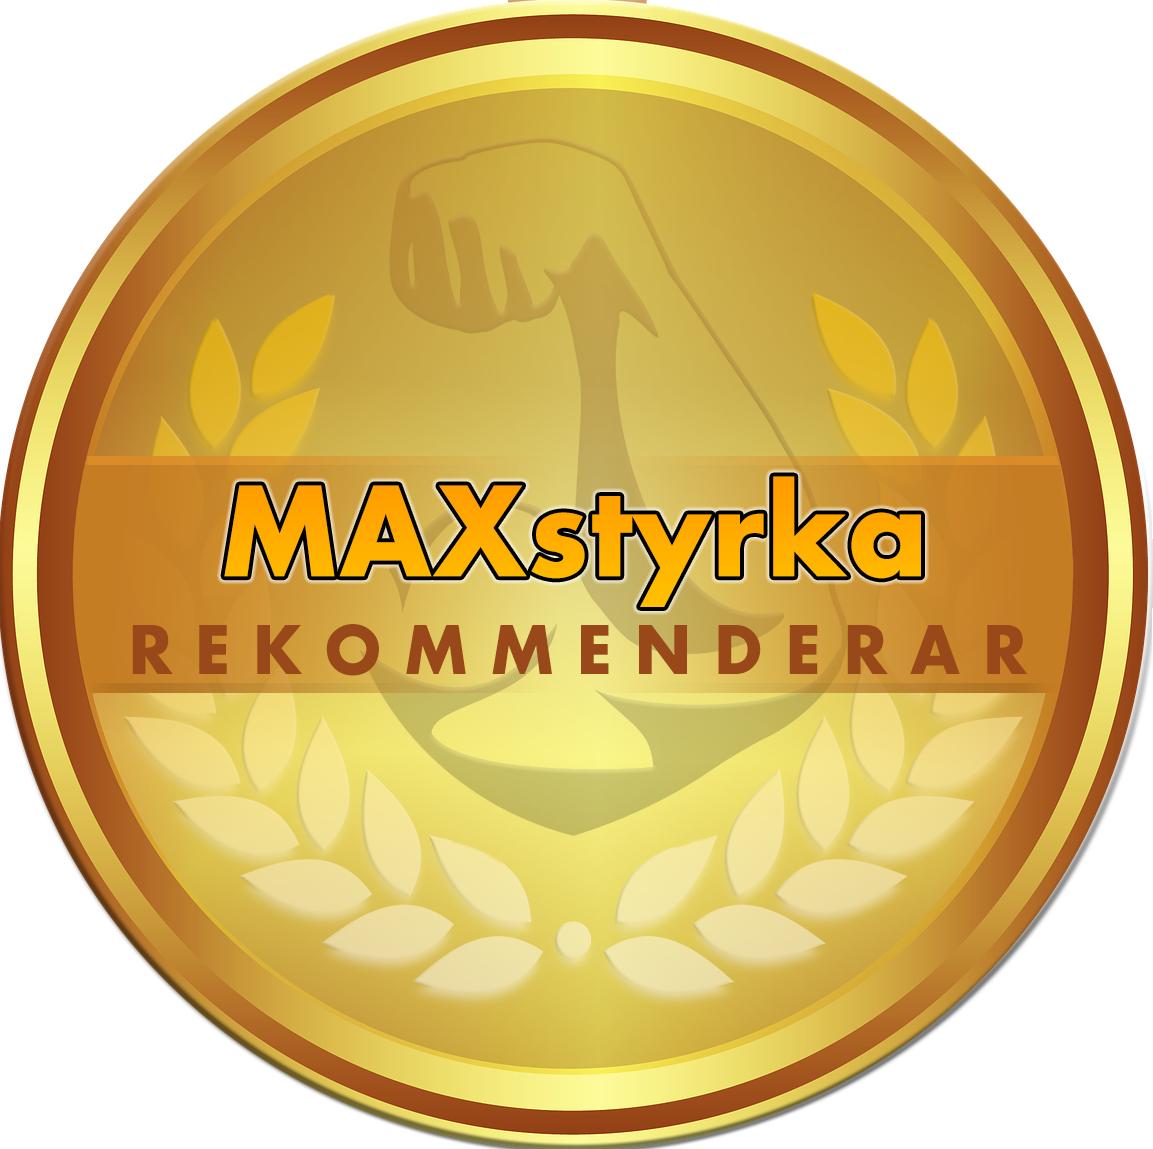 MAXstyrka recommed